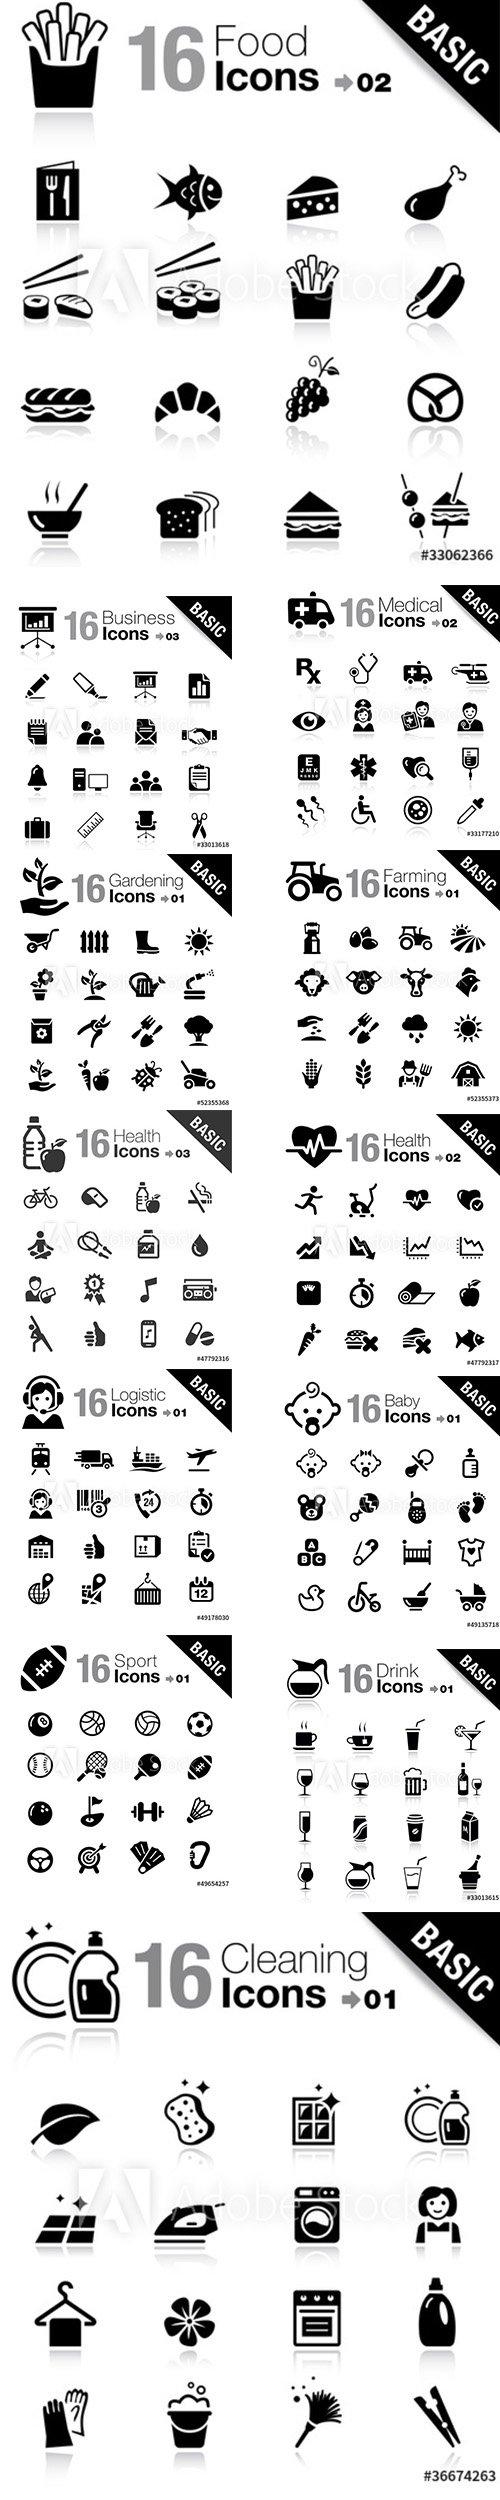 Basic Icons Pack